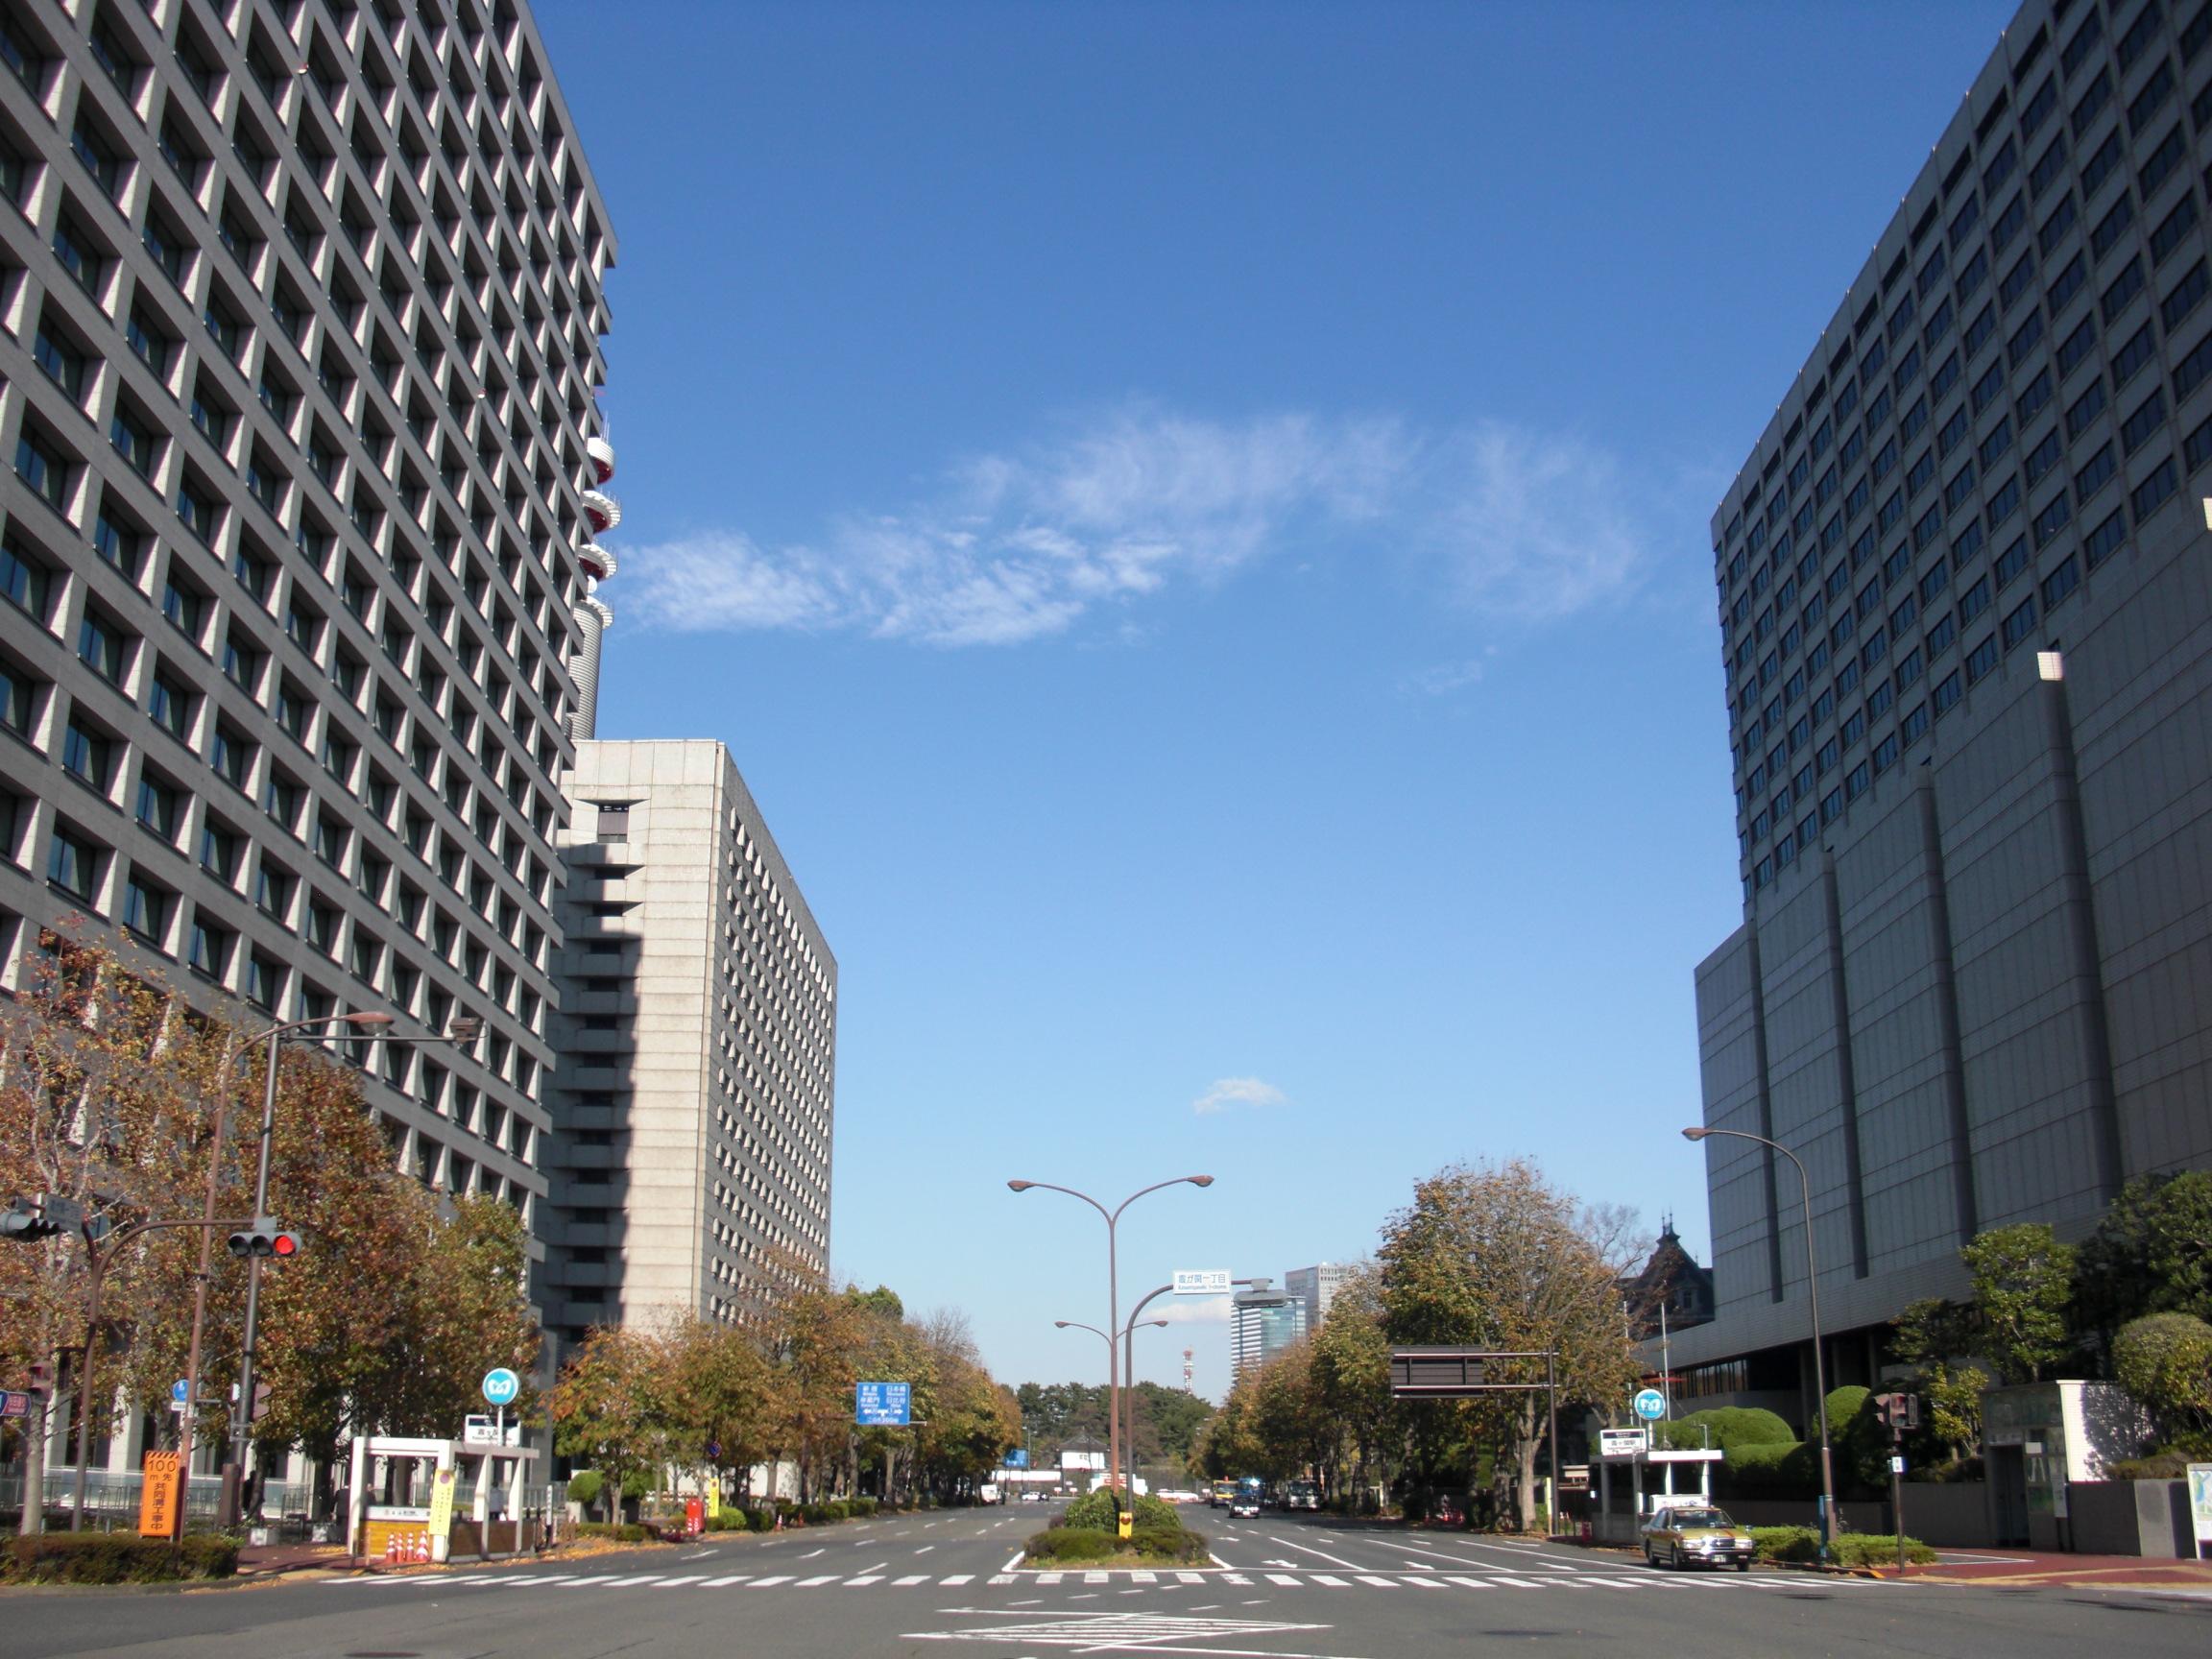 """日本の高学歴層が集まる霞ヶ関。この人材をスタートアップに転職させると、成長する企業が出てくるかもしれない。(""""Kasumigaseki 1 and 2 chome, Chiyoda"""" by Miyuki Meinaka - 投稿者自身による作品. Licensed under パブリック・ドメイン via ウィキメディア・コモンズ - https://commons.wikimedia.org/wiki/File:Kasumigaseki_1_and_2_chome,_Chiyoda.jpg#/media/File:Kasumigaseki_1_and_2_chome,_Chiyoda.jpg)"""